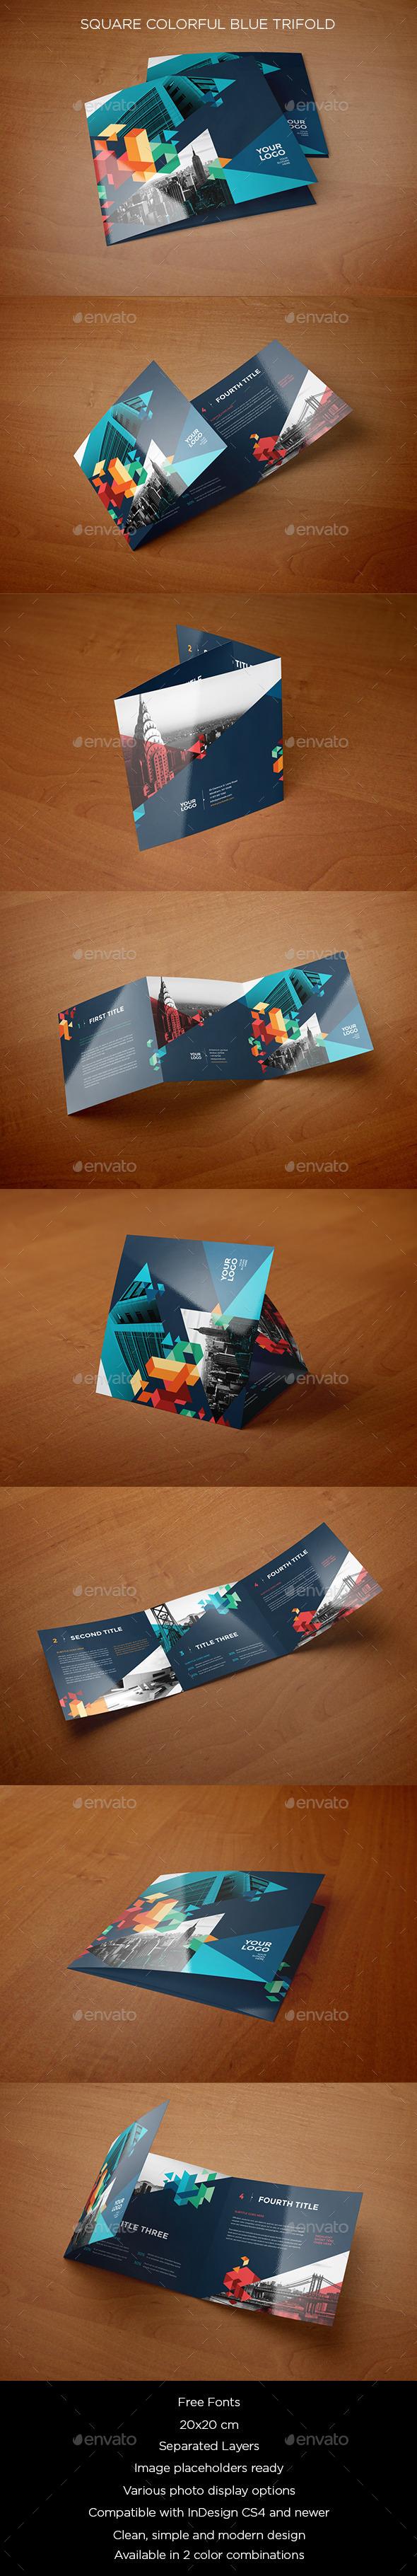 GraphicRiver Square Colorful Blue Trifold 10564467